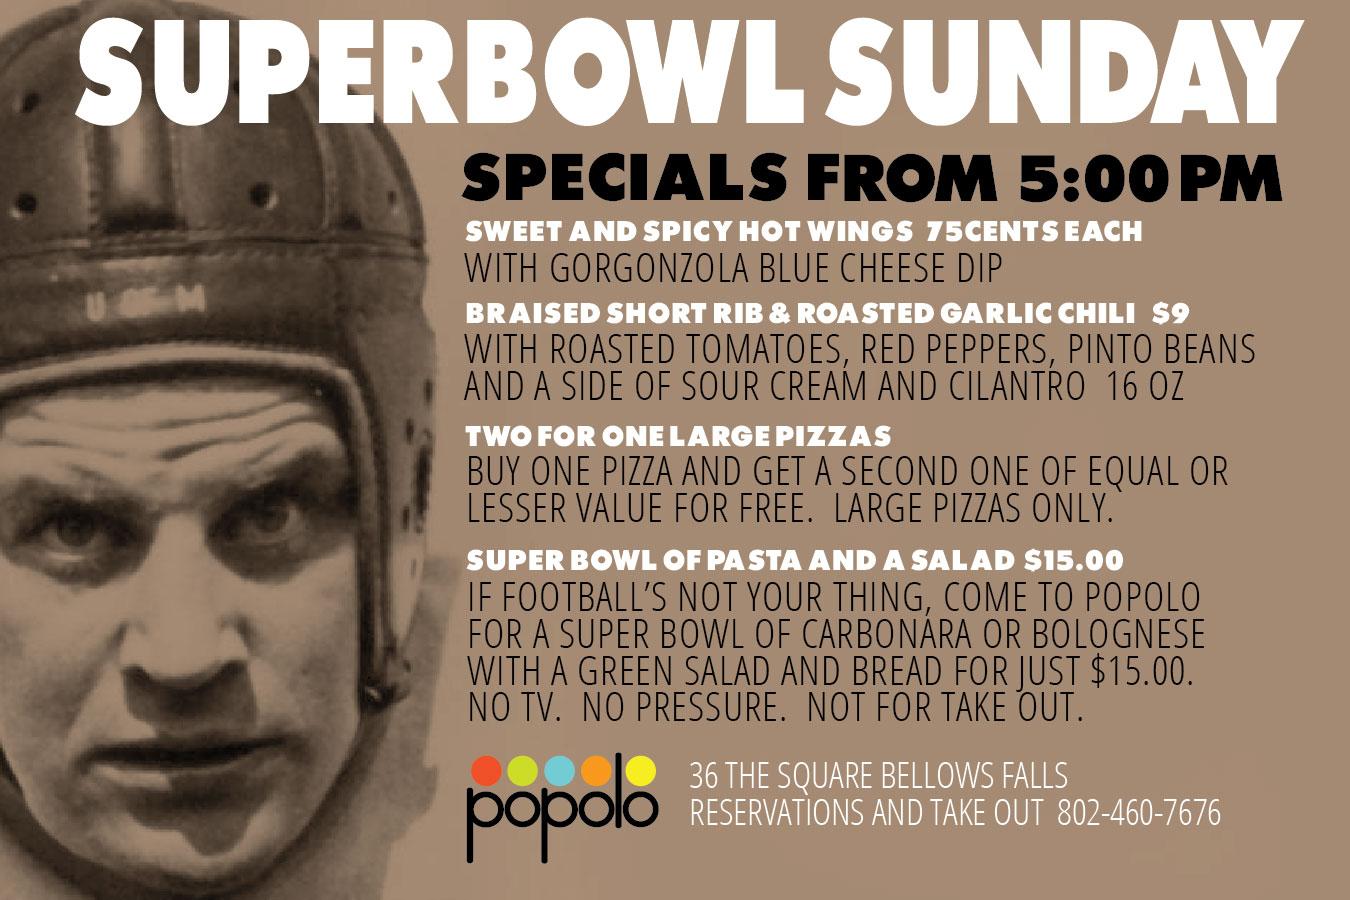 superbowlspecials-01